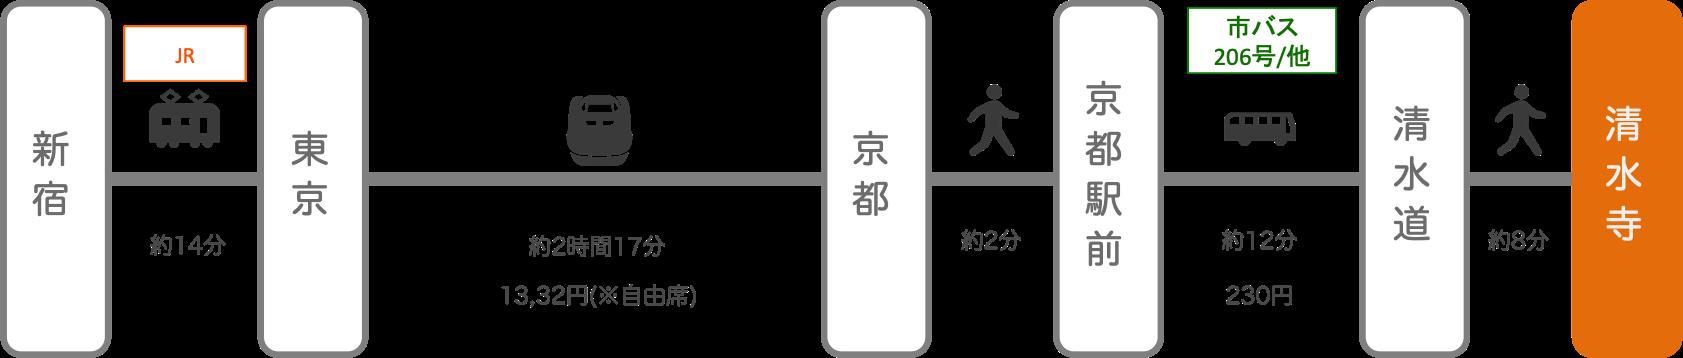 清水寺_新宿(東京)_新幹線